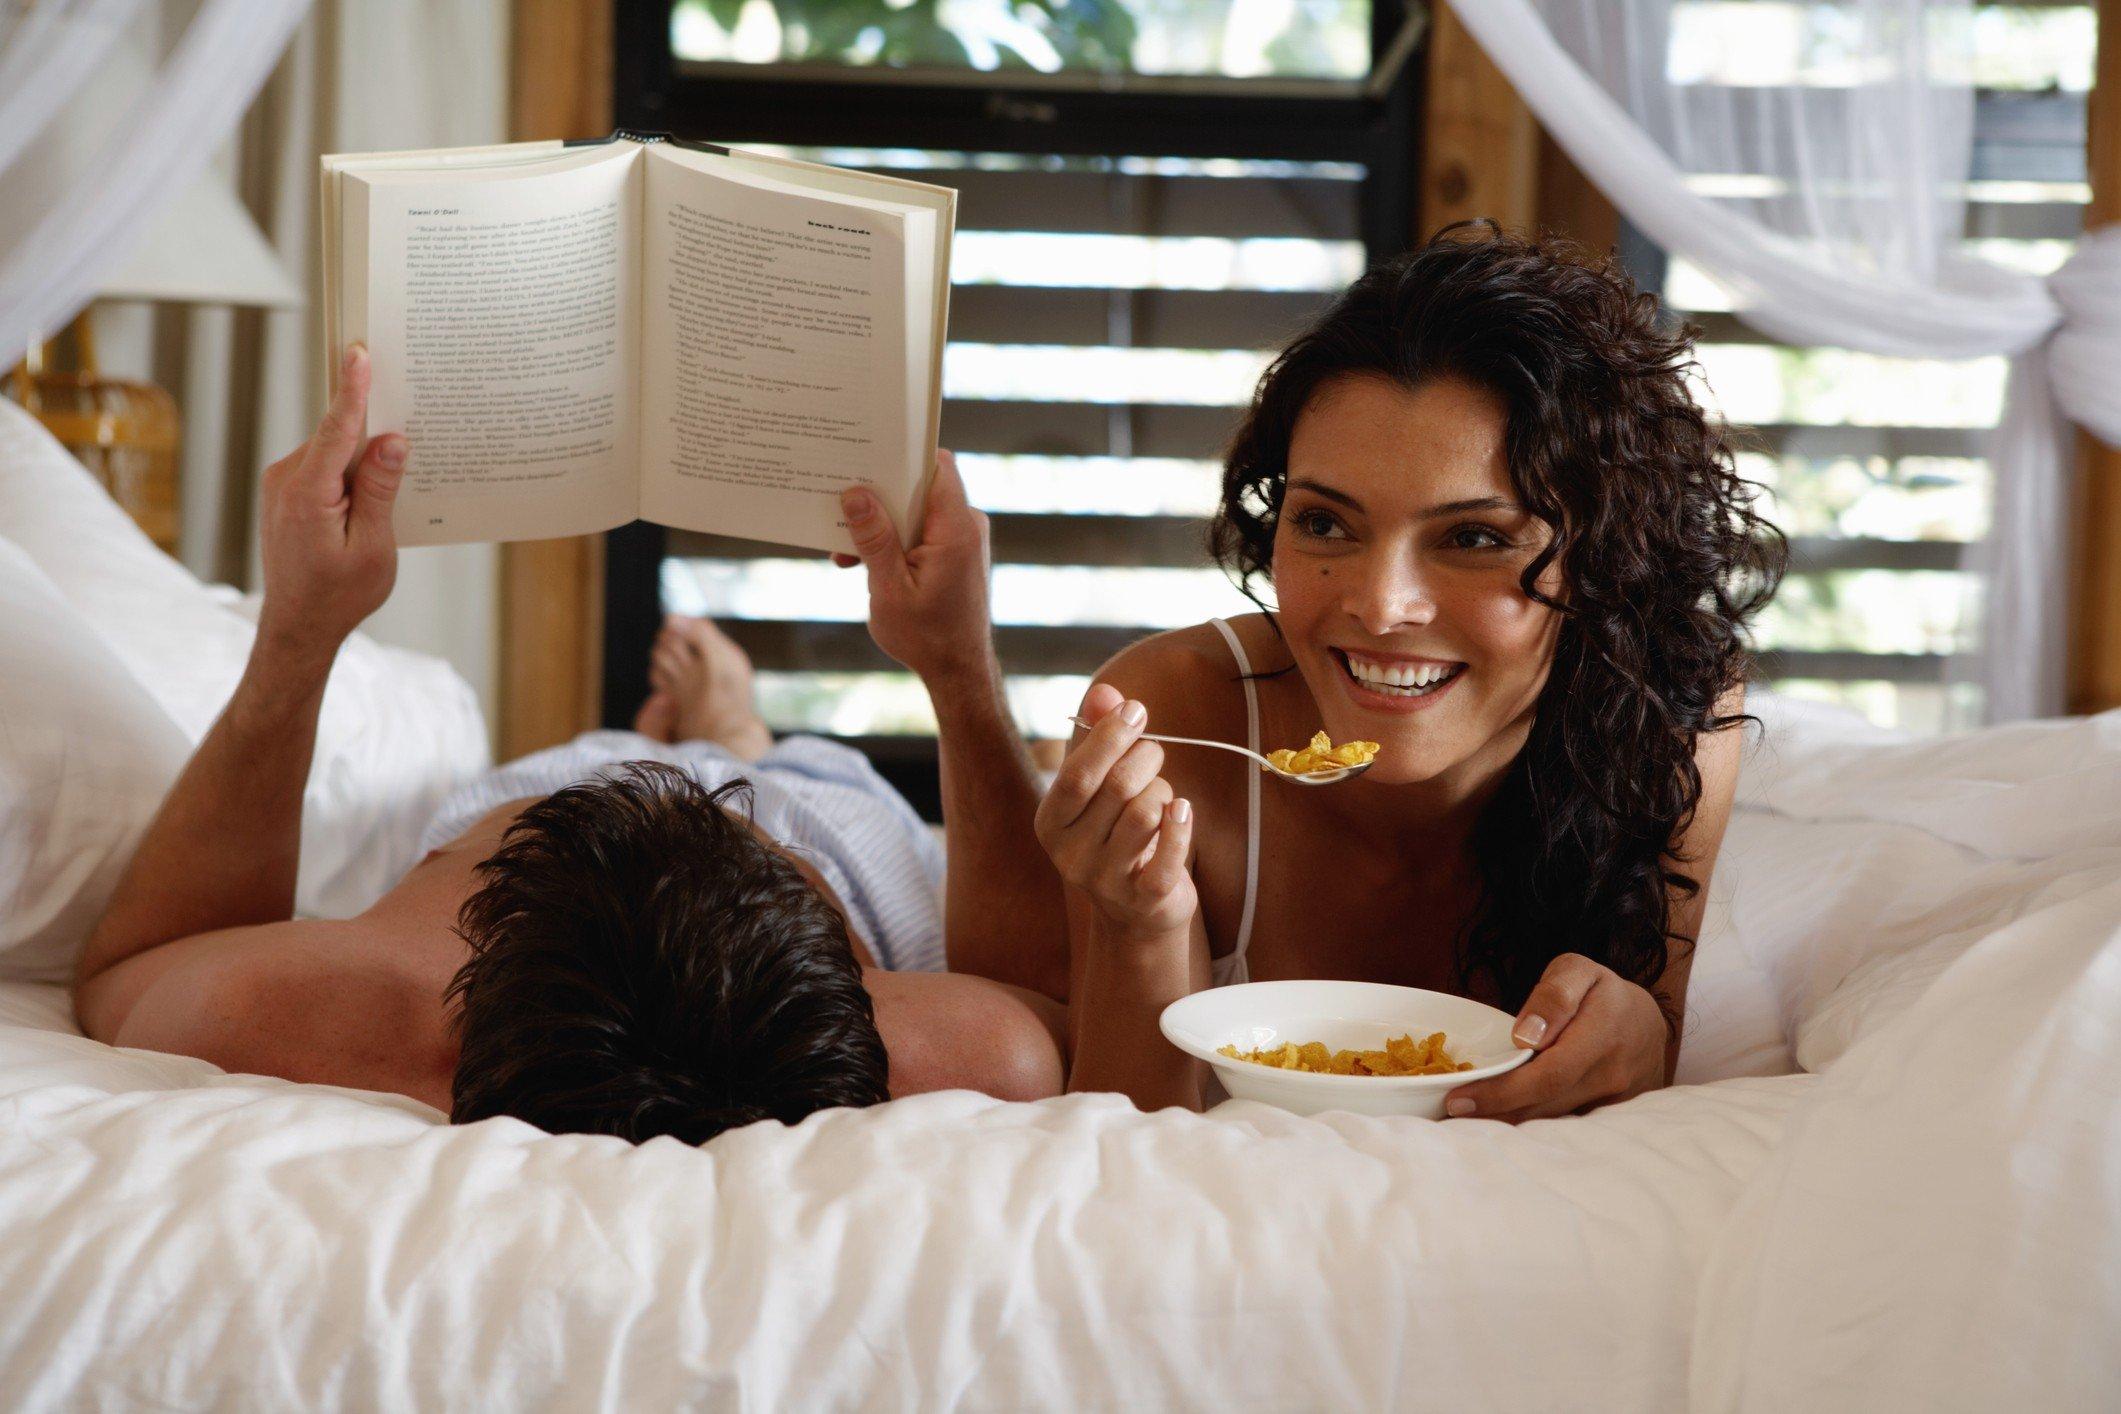 Ideen für einen Sonntag im Bett